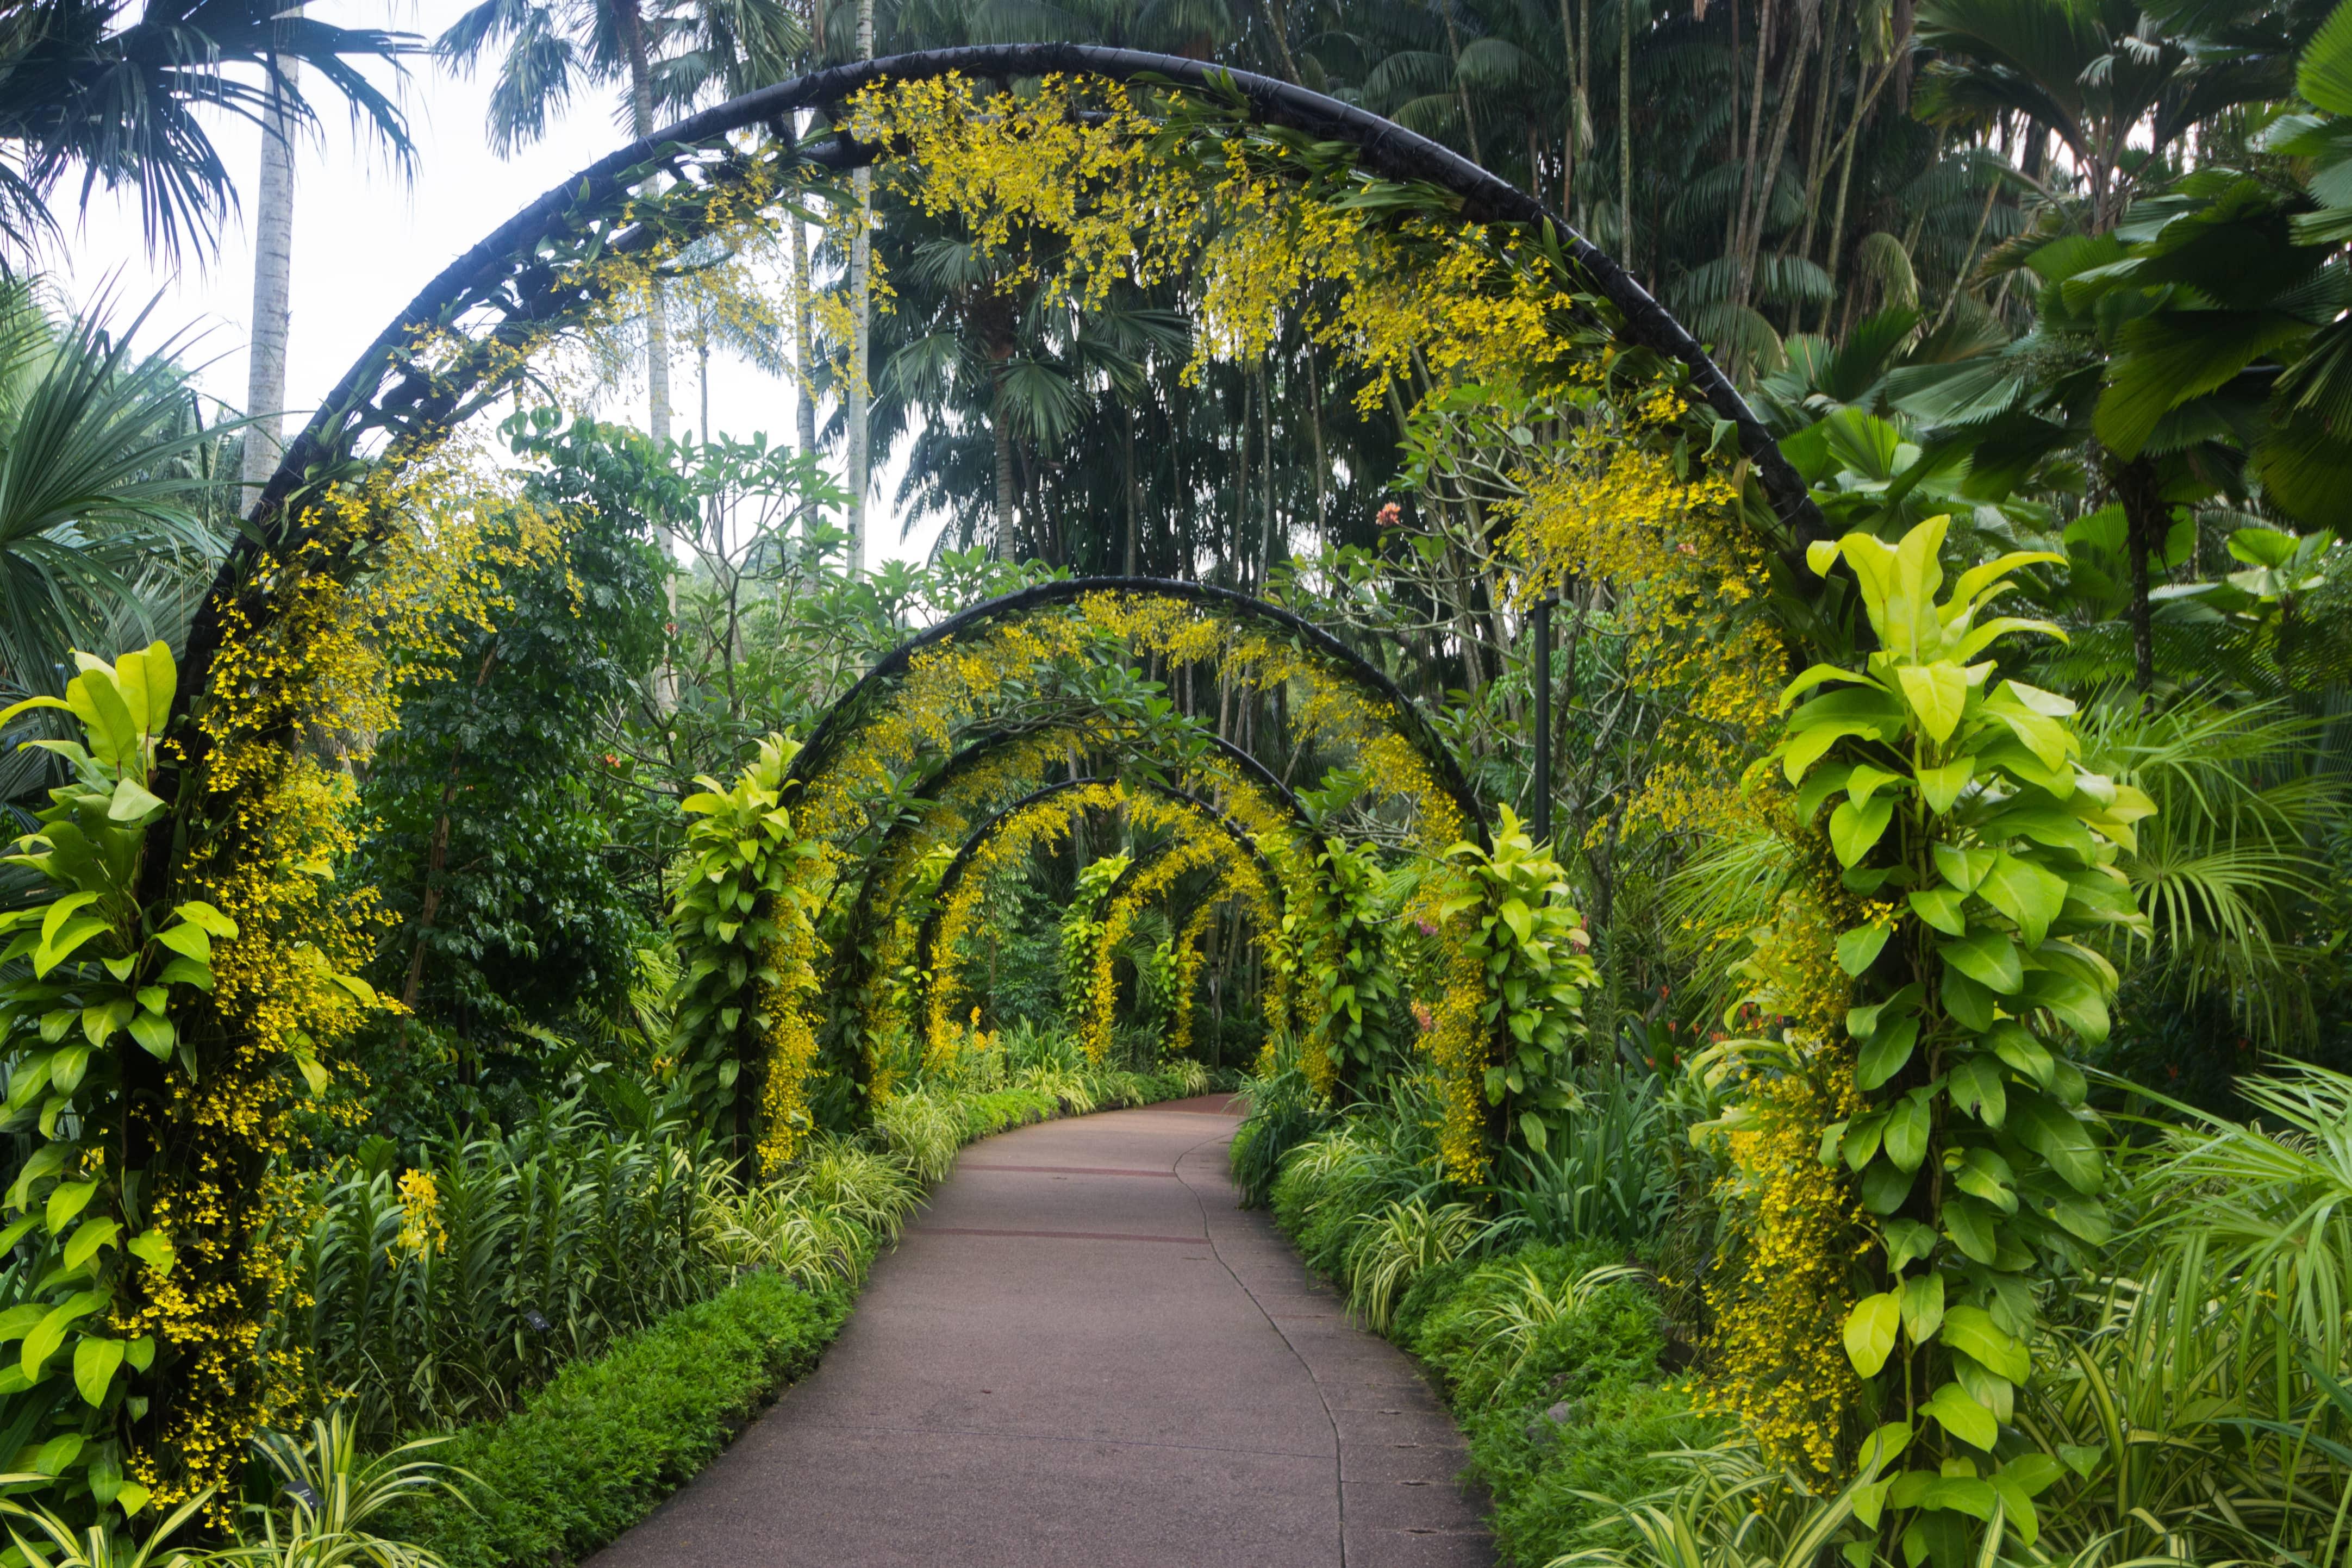 vườn bách thảo là một trong những điểm đến ở singapore cho hội độc thân